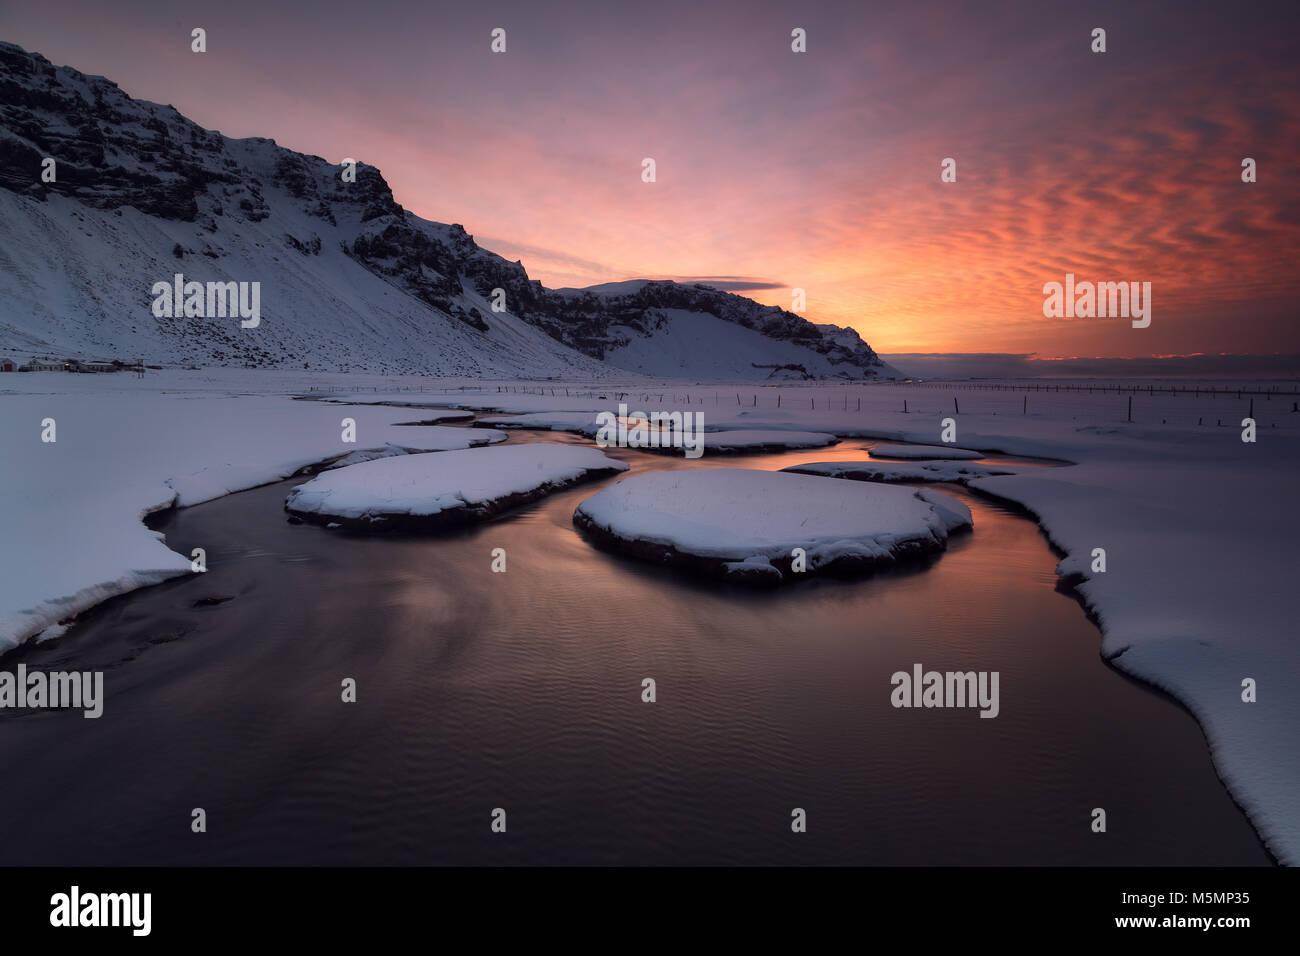 Sonnenaufgang über einem Fluss geschneit in Island Stockbild